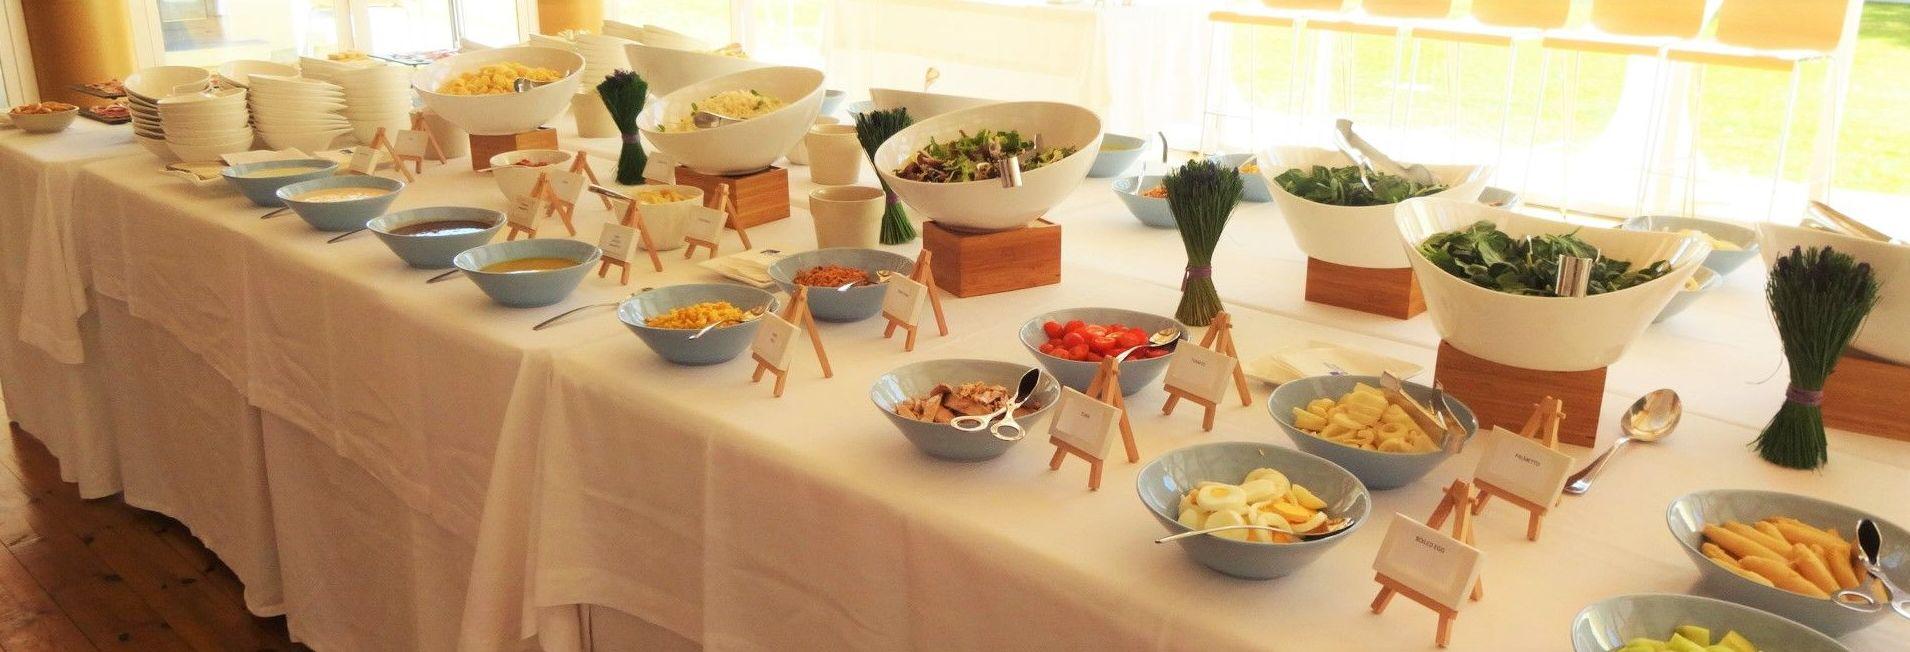 Un almuerzo saludable, el Buffet de Ensaladas.